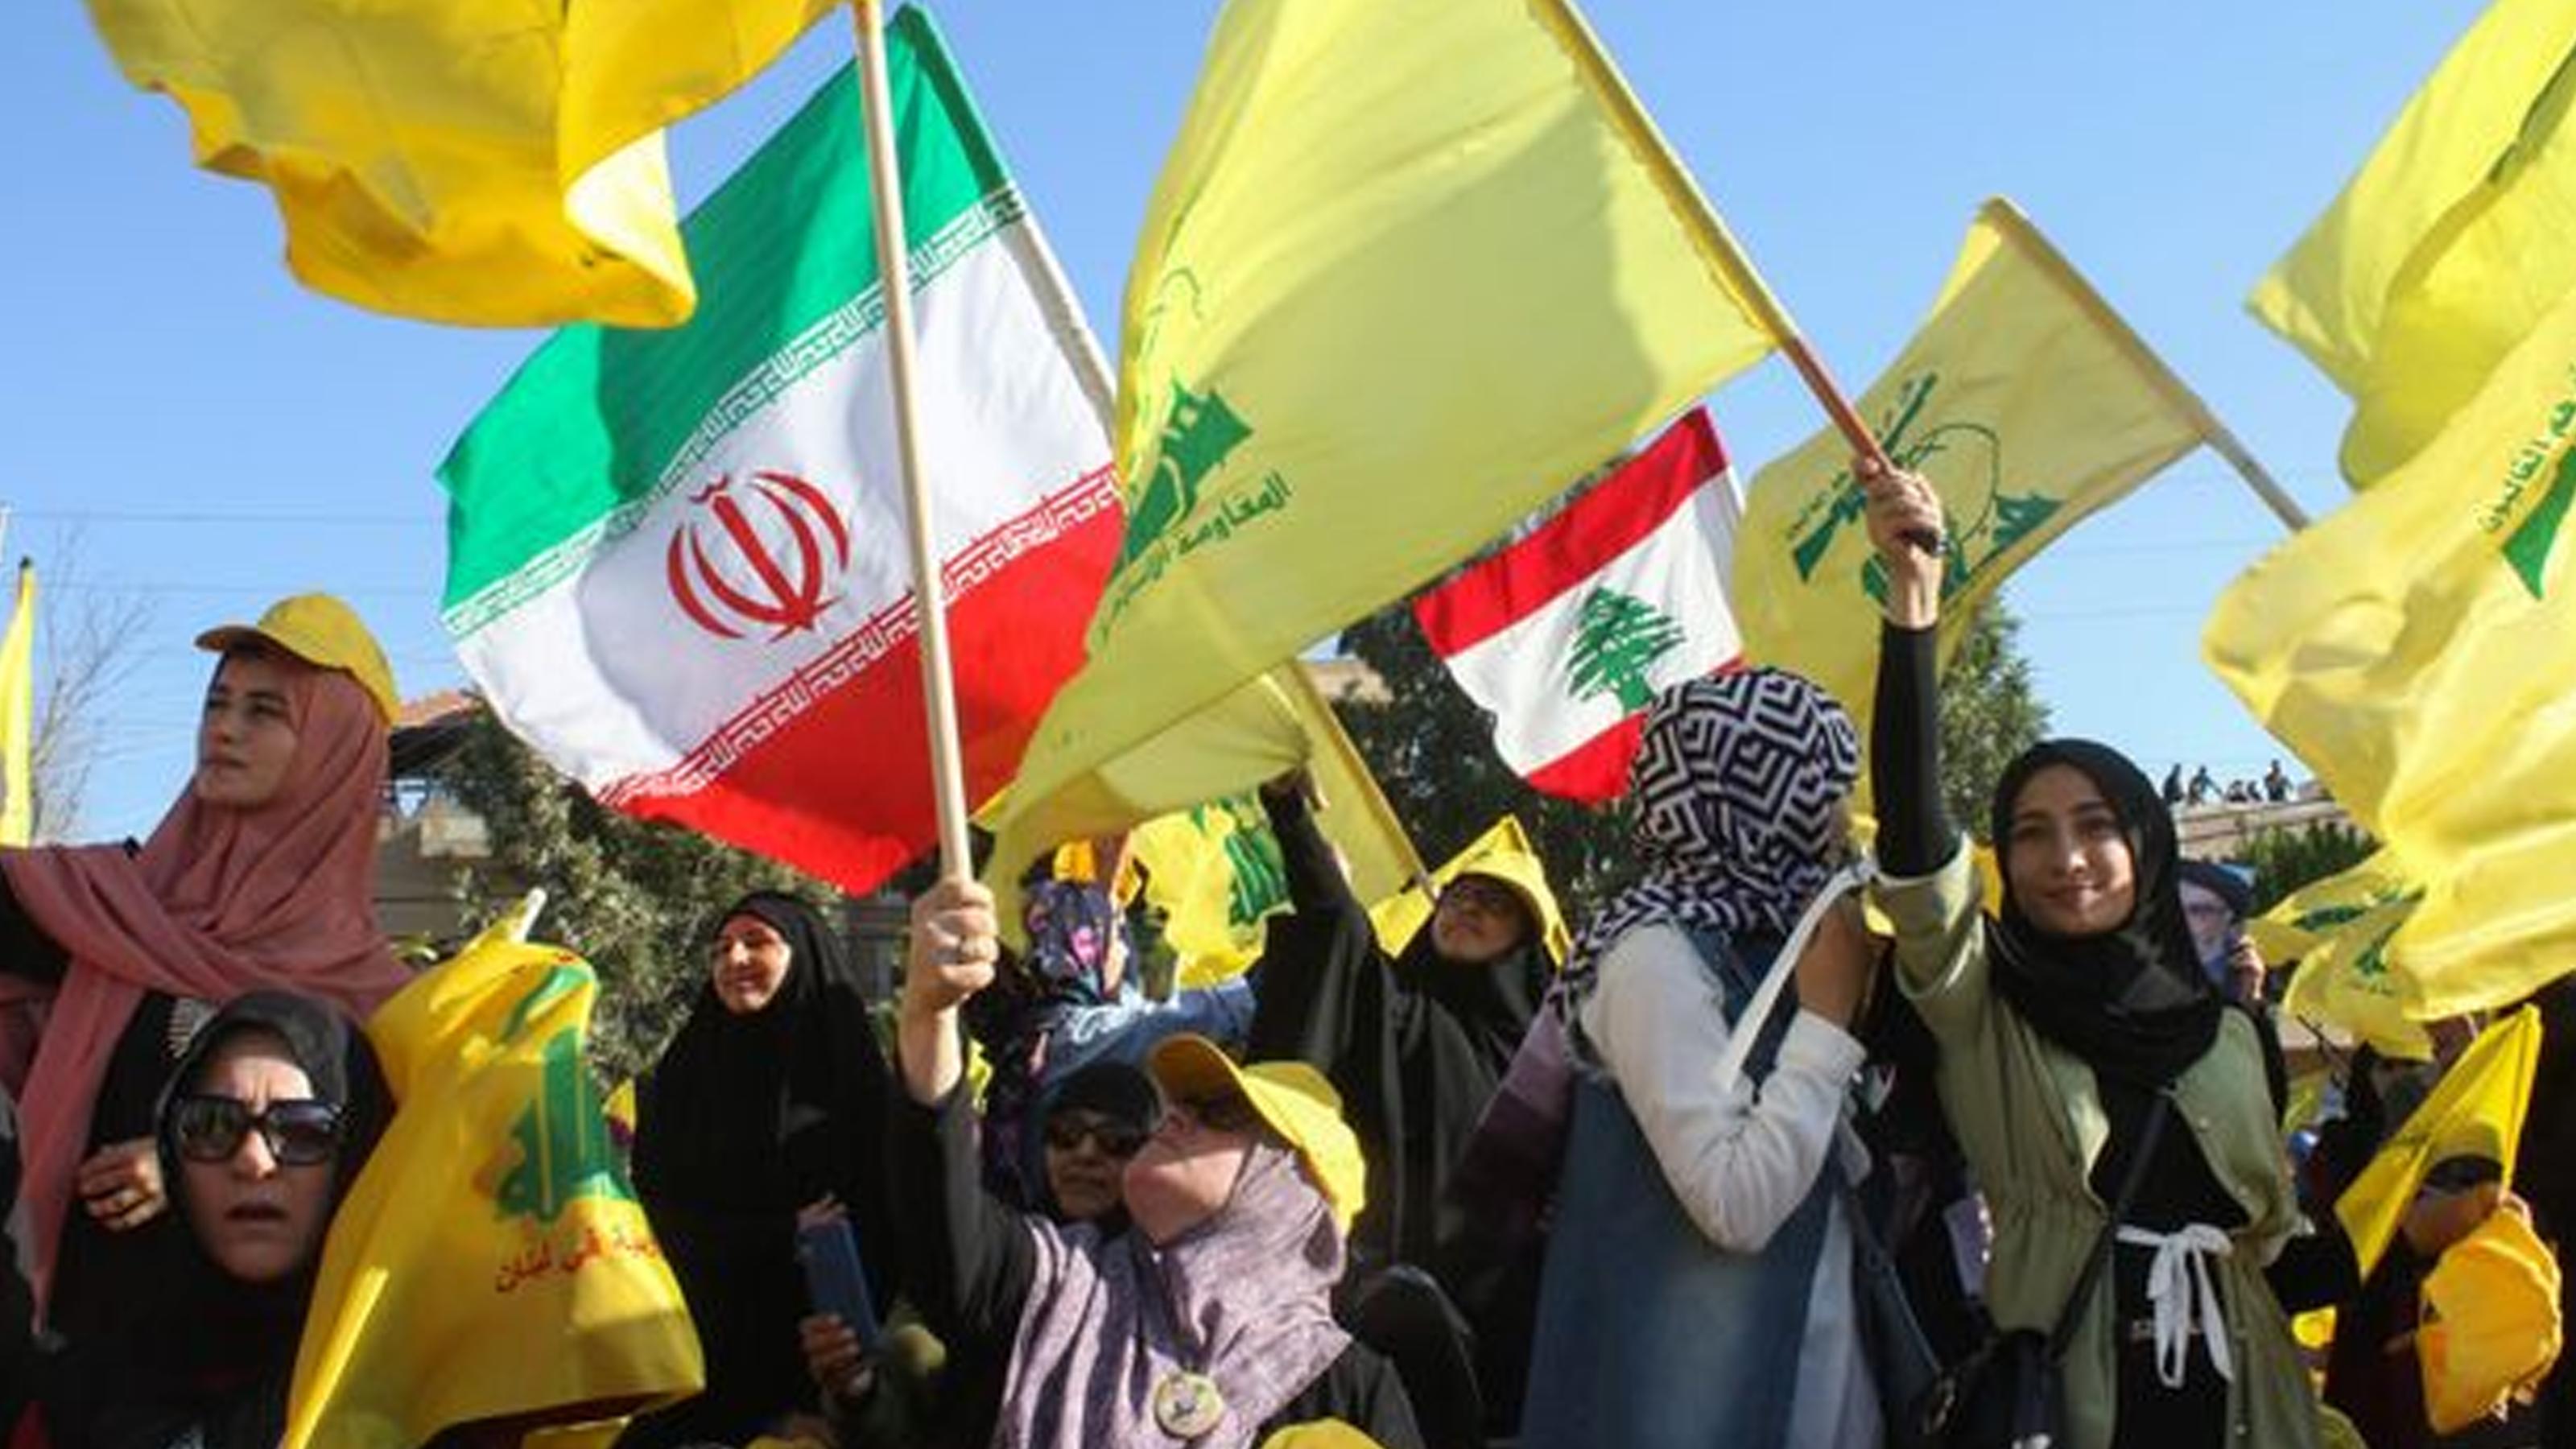 别说伊朗武器走私网被重创,真主党早储备足够武器,以色列才叫慌